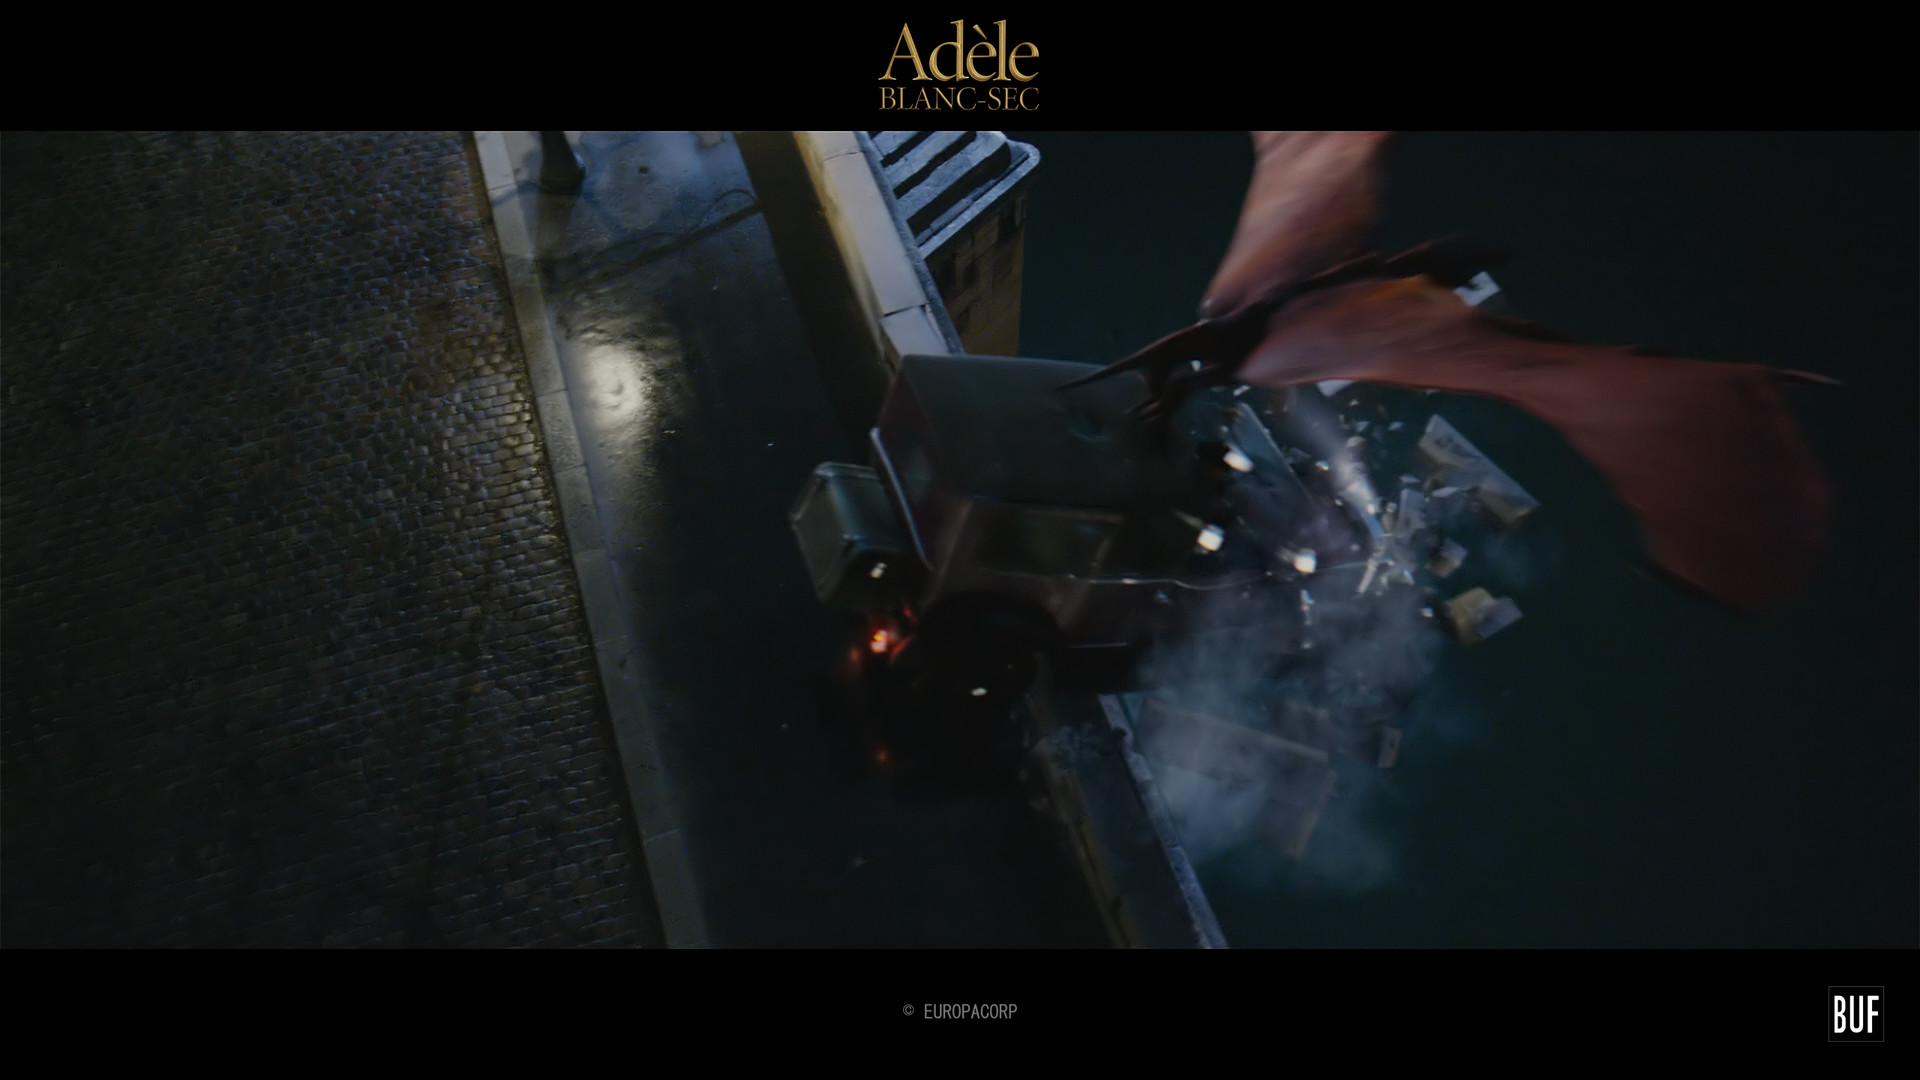 Nicolas boulaire seq dino bridge attack 007